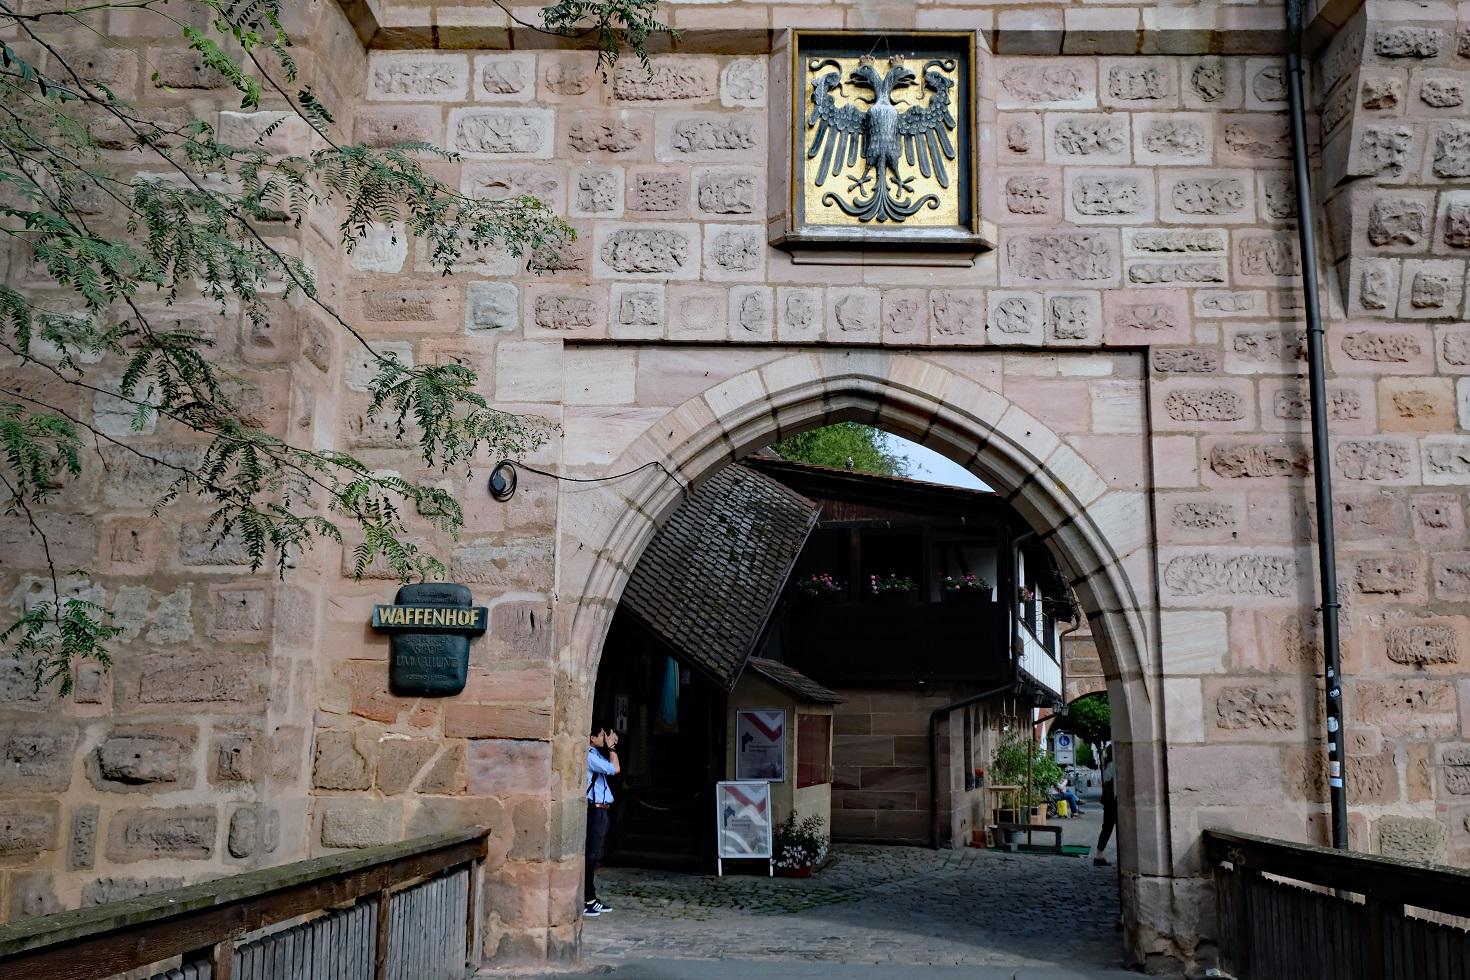 ドイツ・古城街道 ニュルンベルク ナチスと戦争の爪痕<フォトギャラリー>